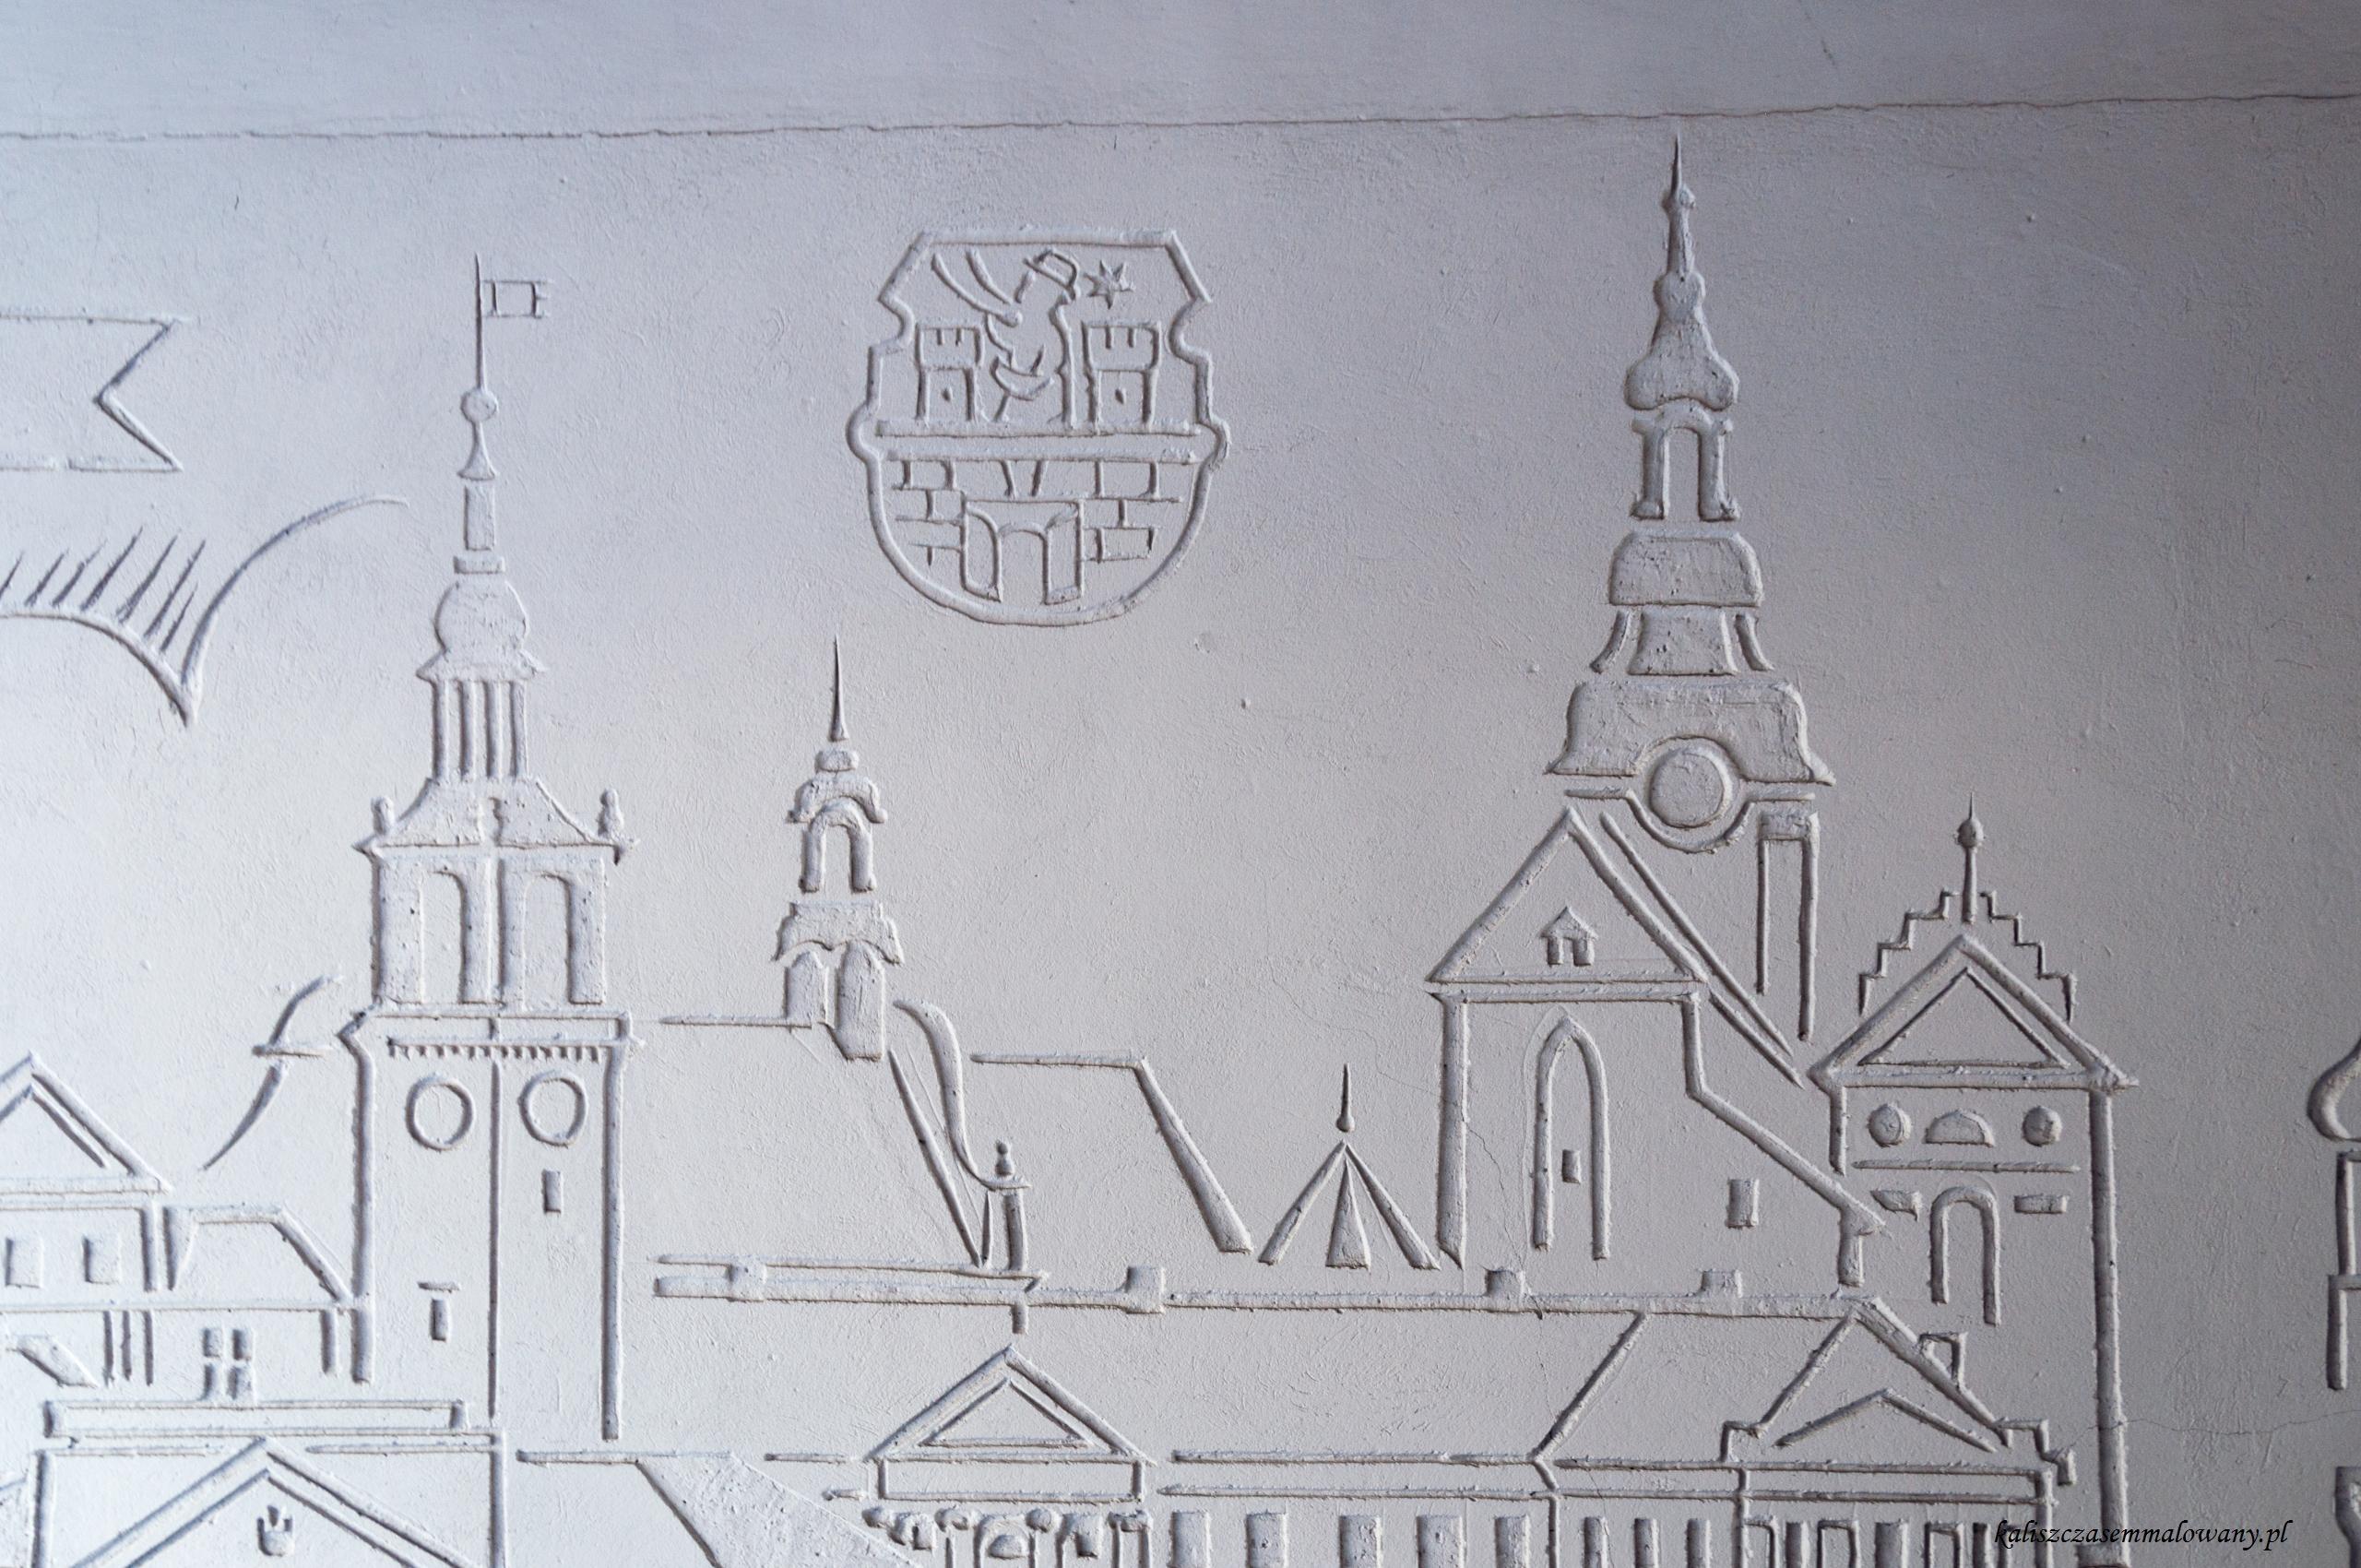 Kościelniak-3